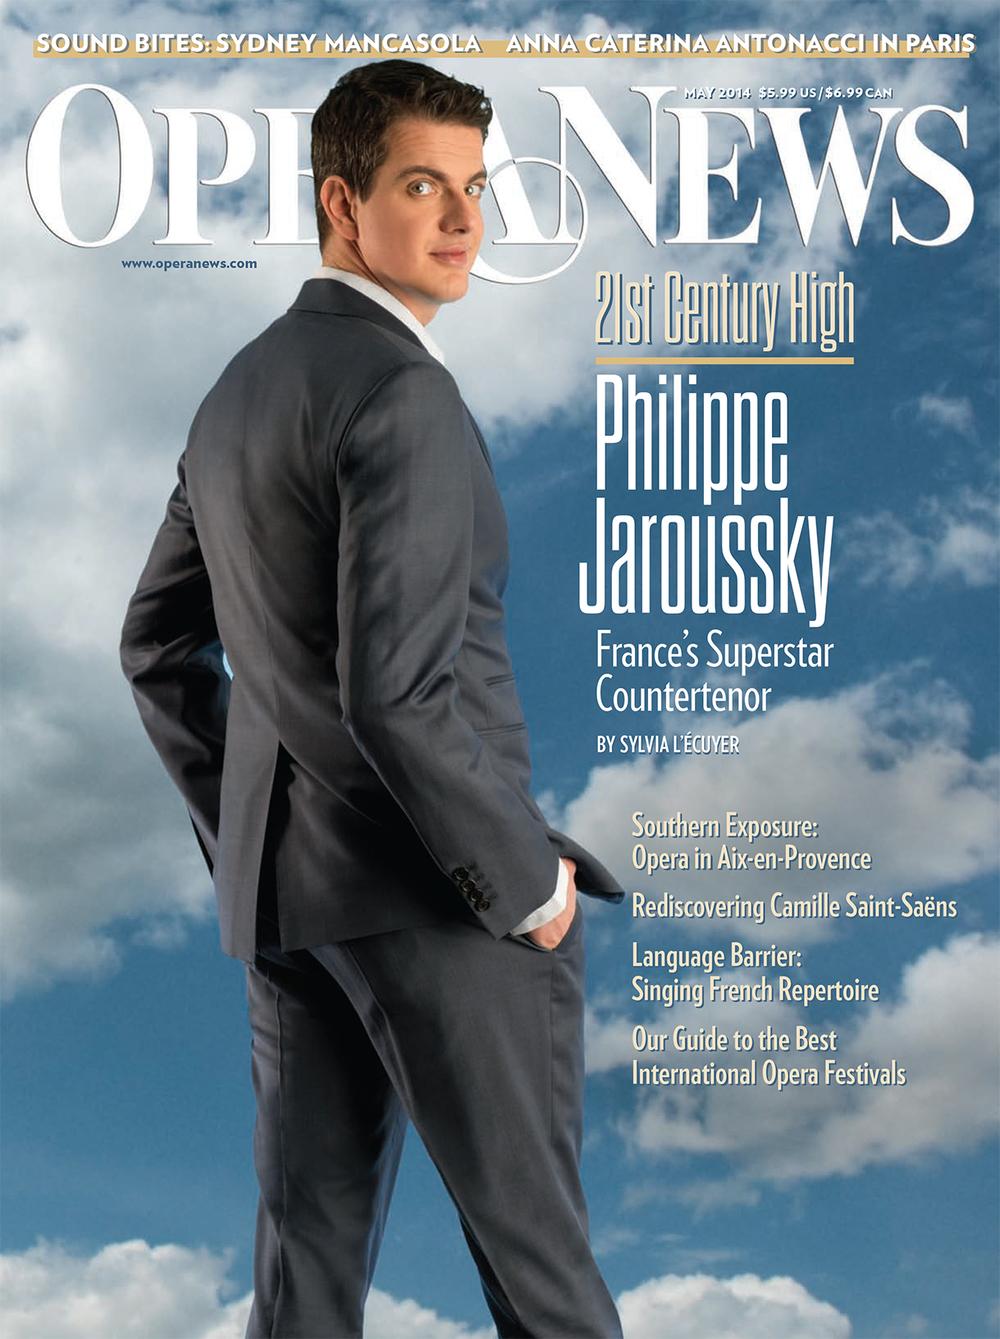 Philippe Jaroussky  Countertenor